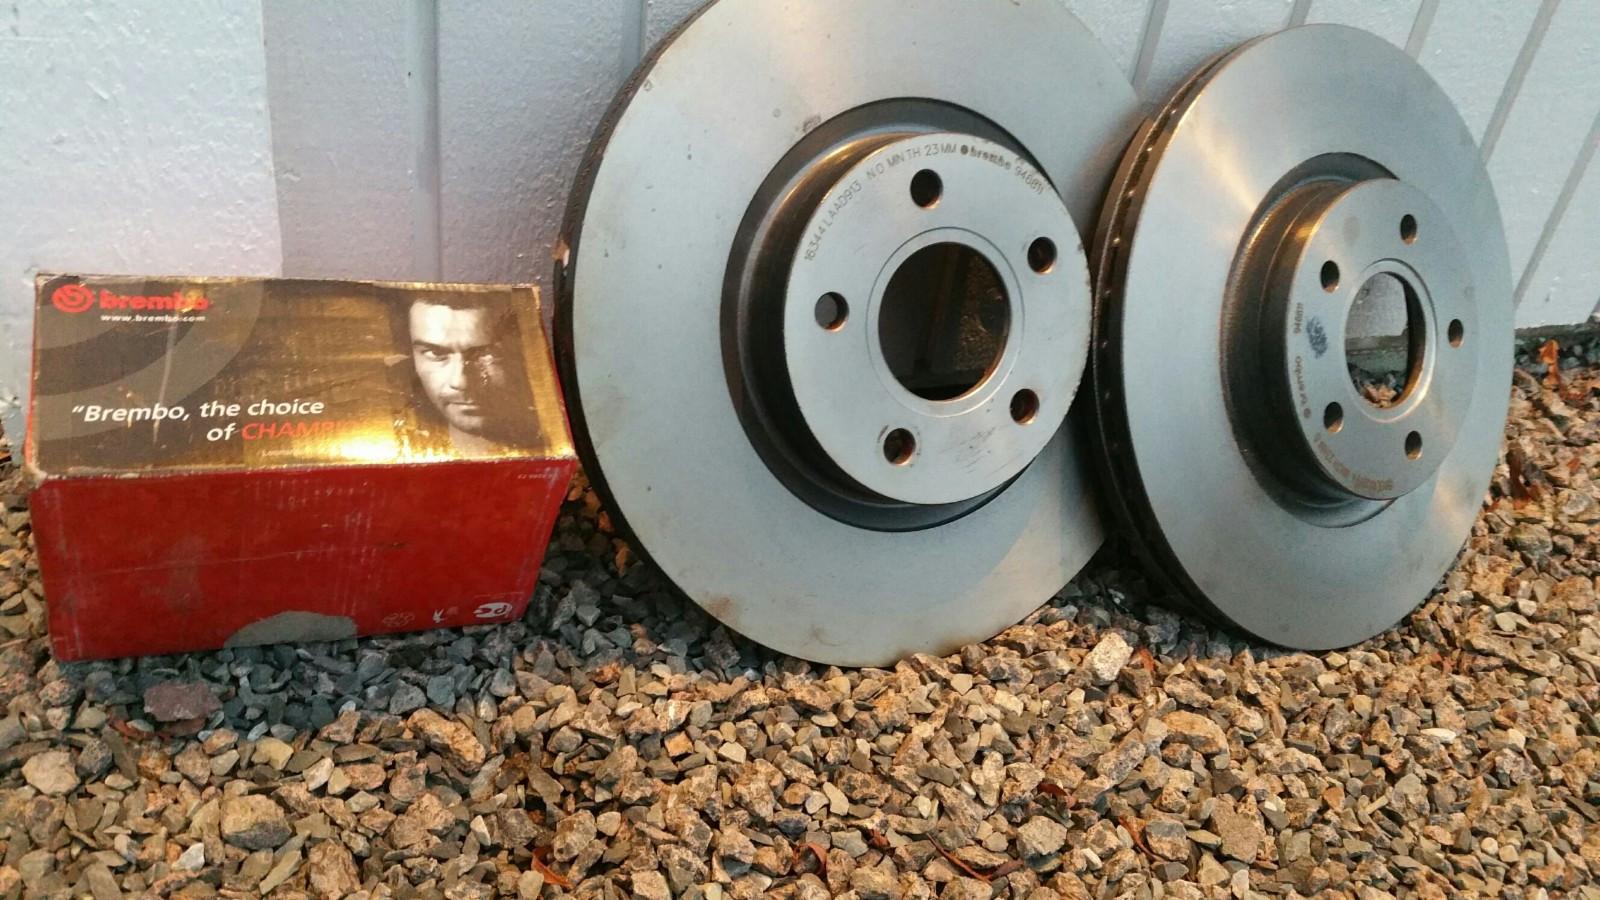 Brembo bremseskiver foran Volvo V50. GUNSTIG! - Tønsberg  - Et sett Brembo bremseskiver foran til Volvo v50. Feilkjøp og den er kun satt på. Topp kvalitet. NB! 30 cm diameter. Gjelder fra 2004 modell, men du må sjekke diameter på skivene dine først. V50 har 28-30-32-34 cm. Min har 28cm. Pris - Tønsberg